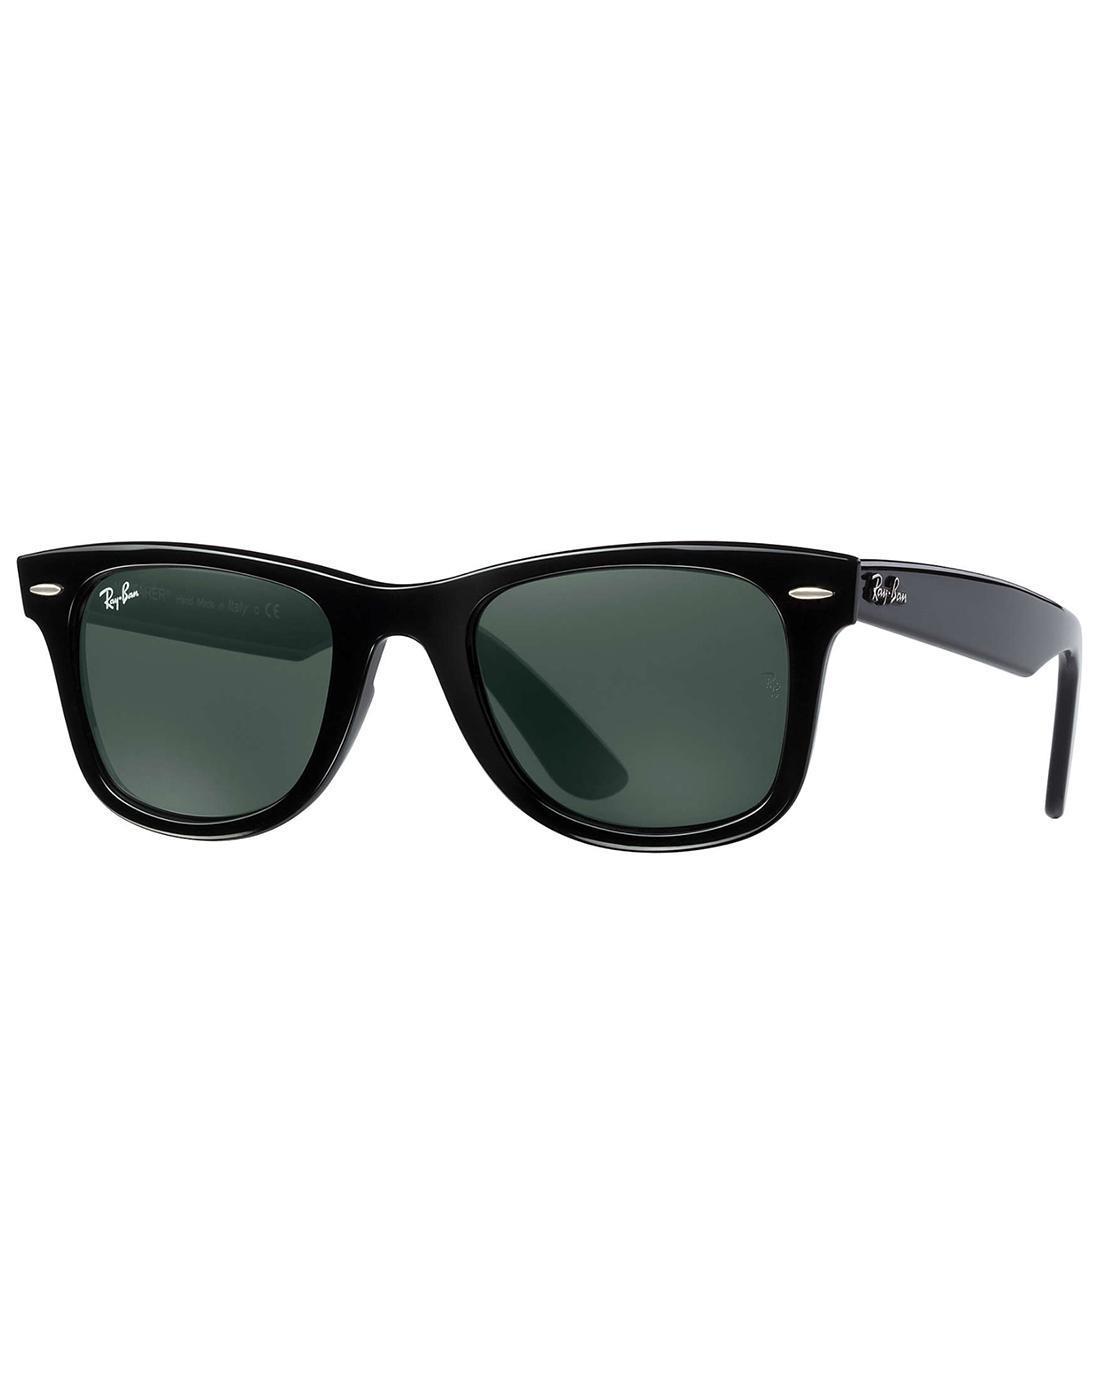 Wayfarer Ease RAY-BAN Retro Mod Sunglasses - Black